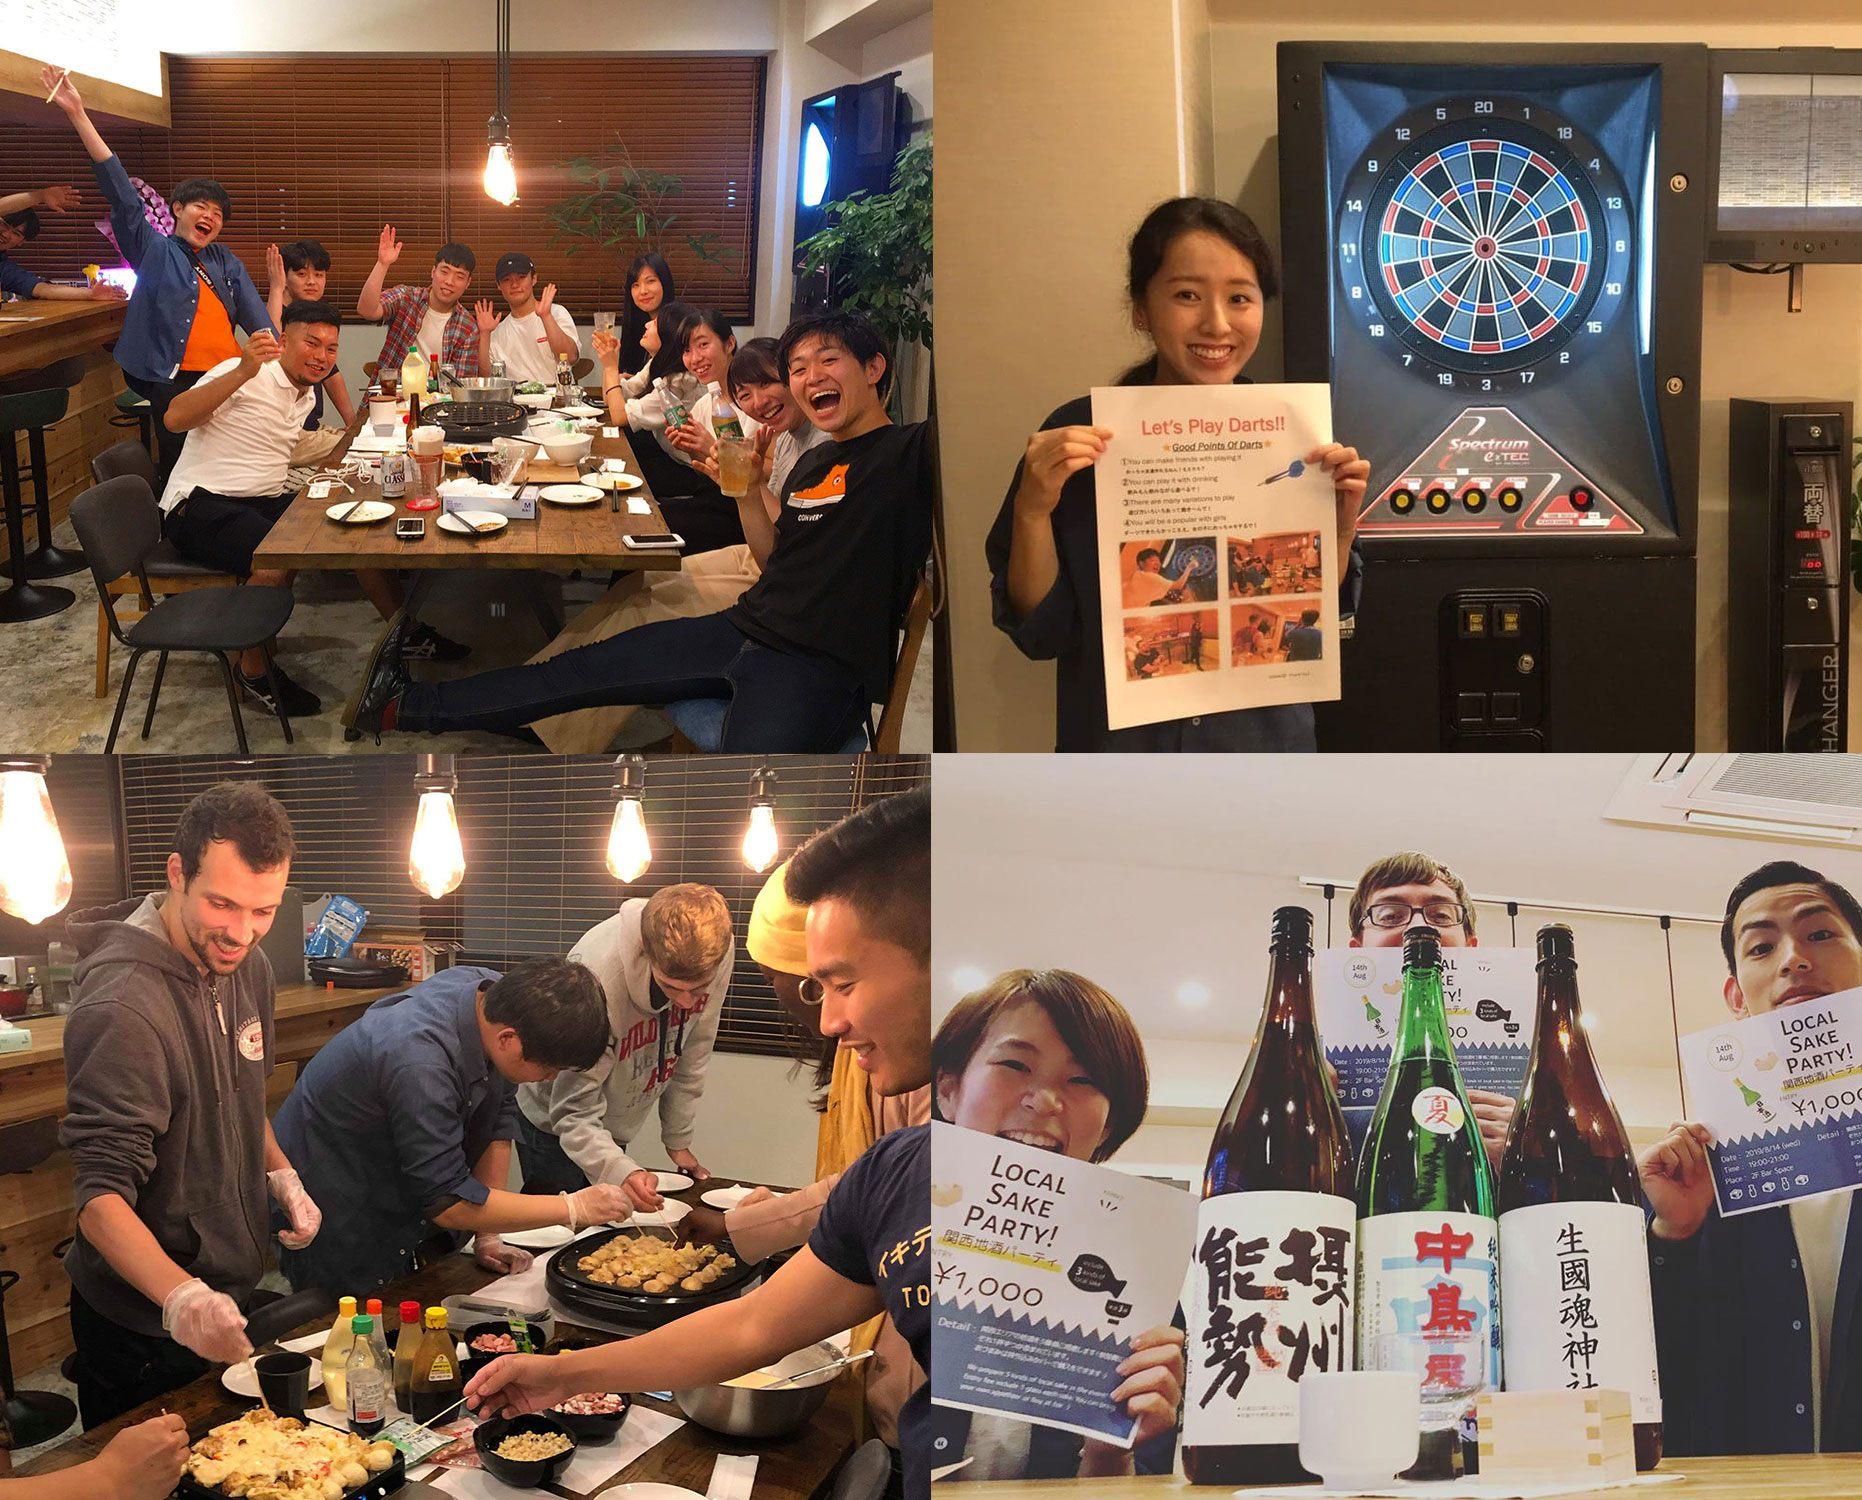 背包客棧所舉辦的活動也非常多!飛鏢、日本酒和章魚燒等活動,一起享受每個季節所舉辦的活動吧!